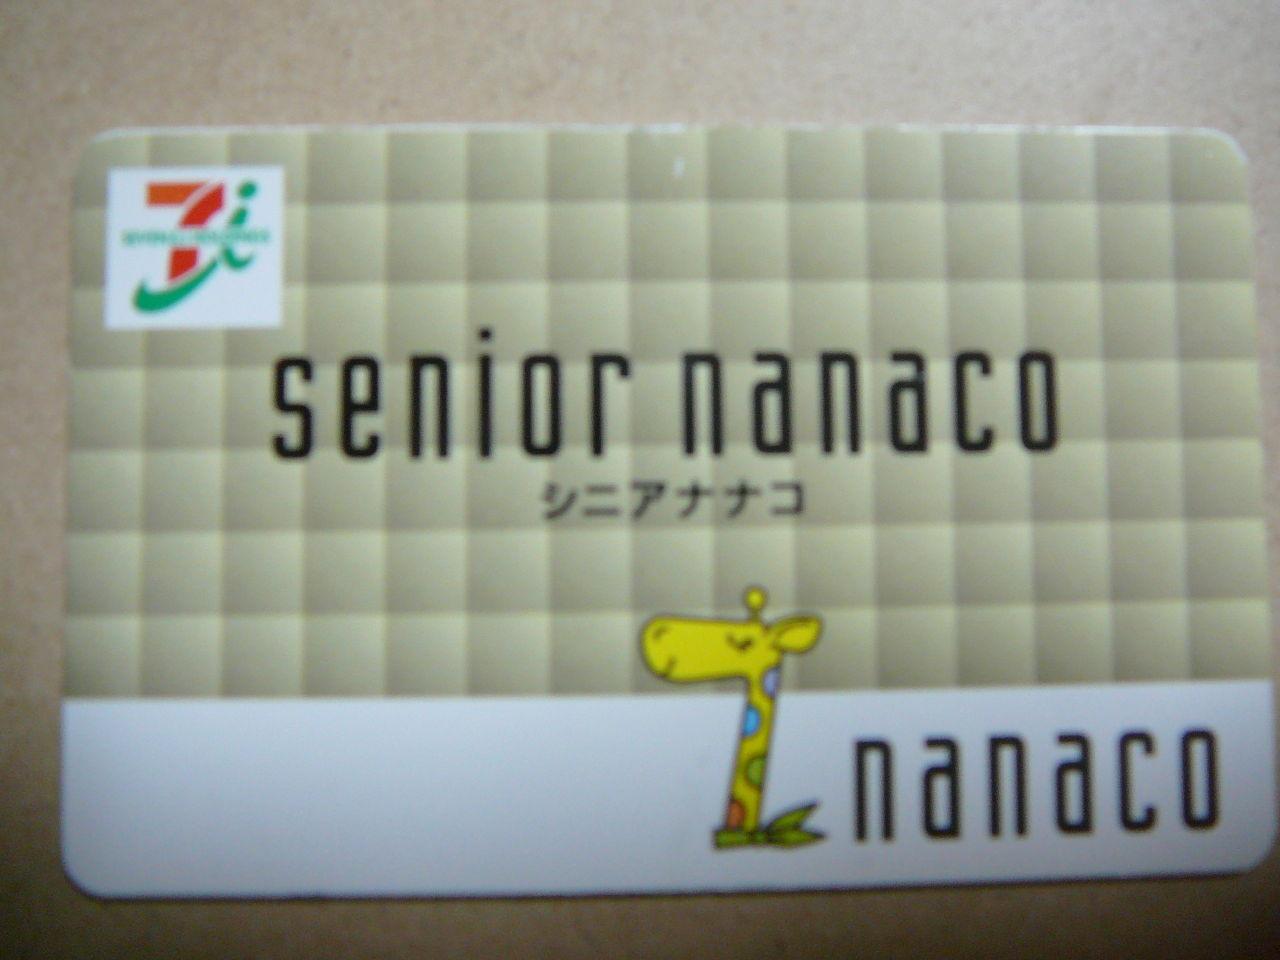 7261 - マツダ(株) >  > >カードが使えねえんだよ > > > >ド暇なお